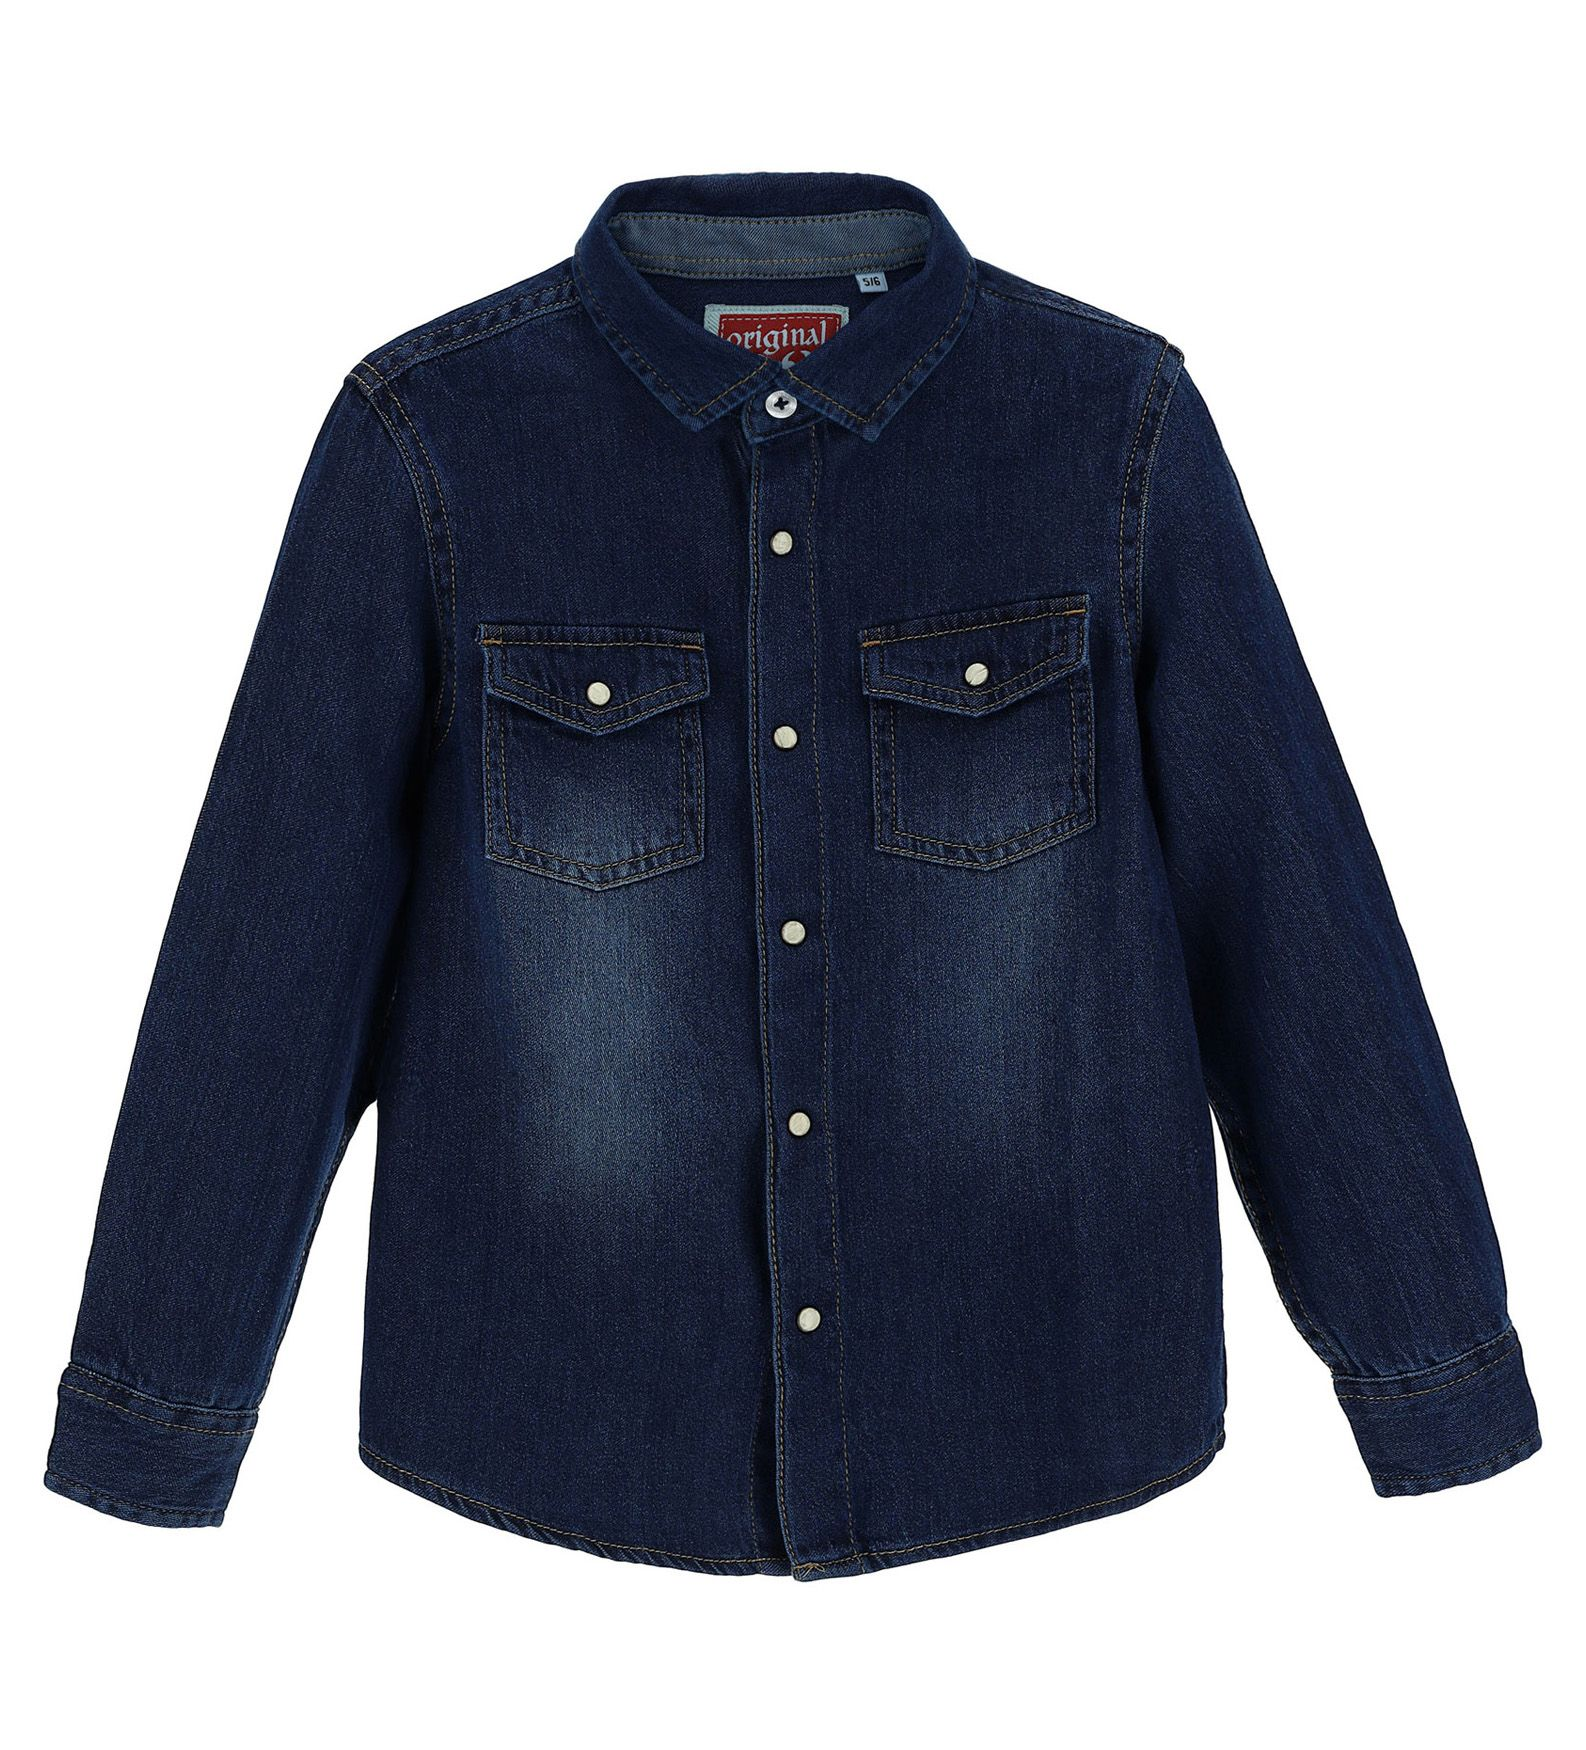 Купить Рубашка с длинным рукавом Original Marines, синий, 98, Мальчики, зима